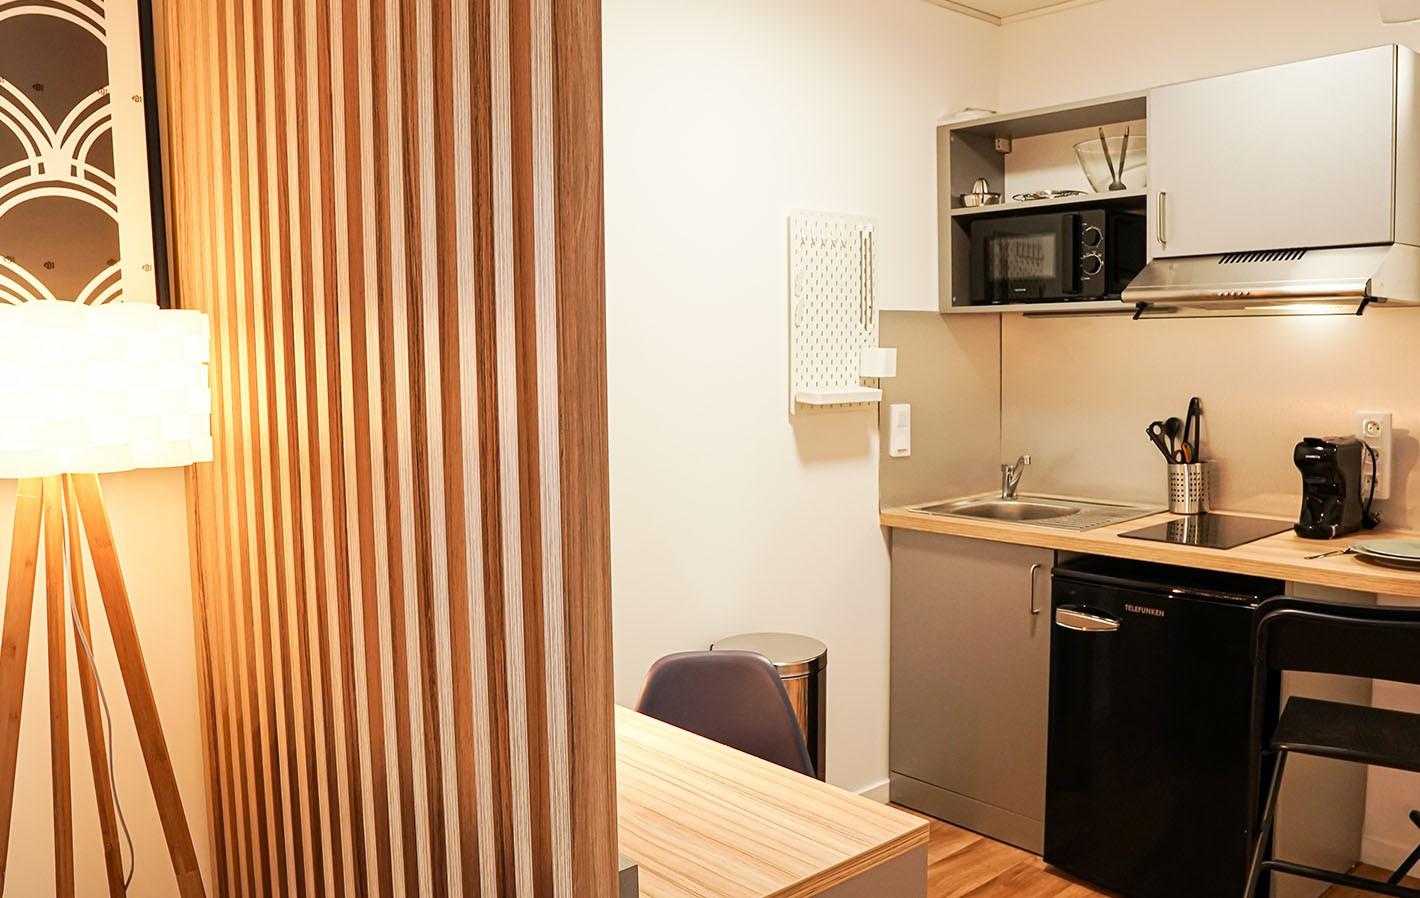 image  2021 03 08 residence etudiante suitetudes streamline boulogne billancourt studio experience cuisine